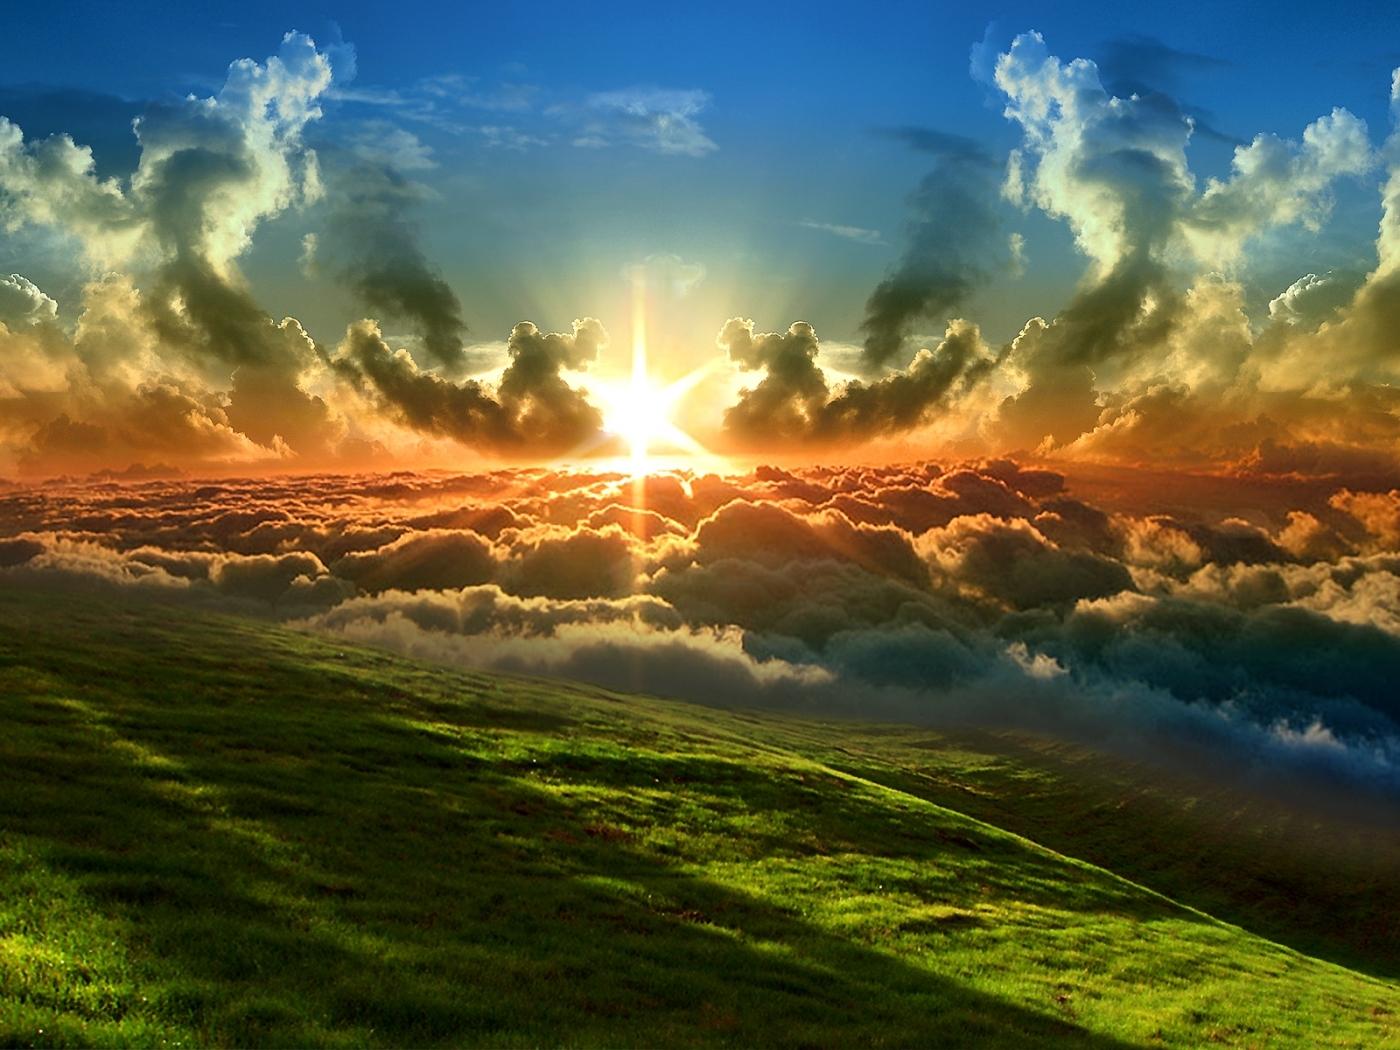 23343 скачать обои Пейзаж, Трава, Солнце, Облака - заставки и картинки бесплатно